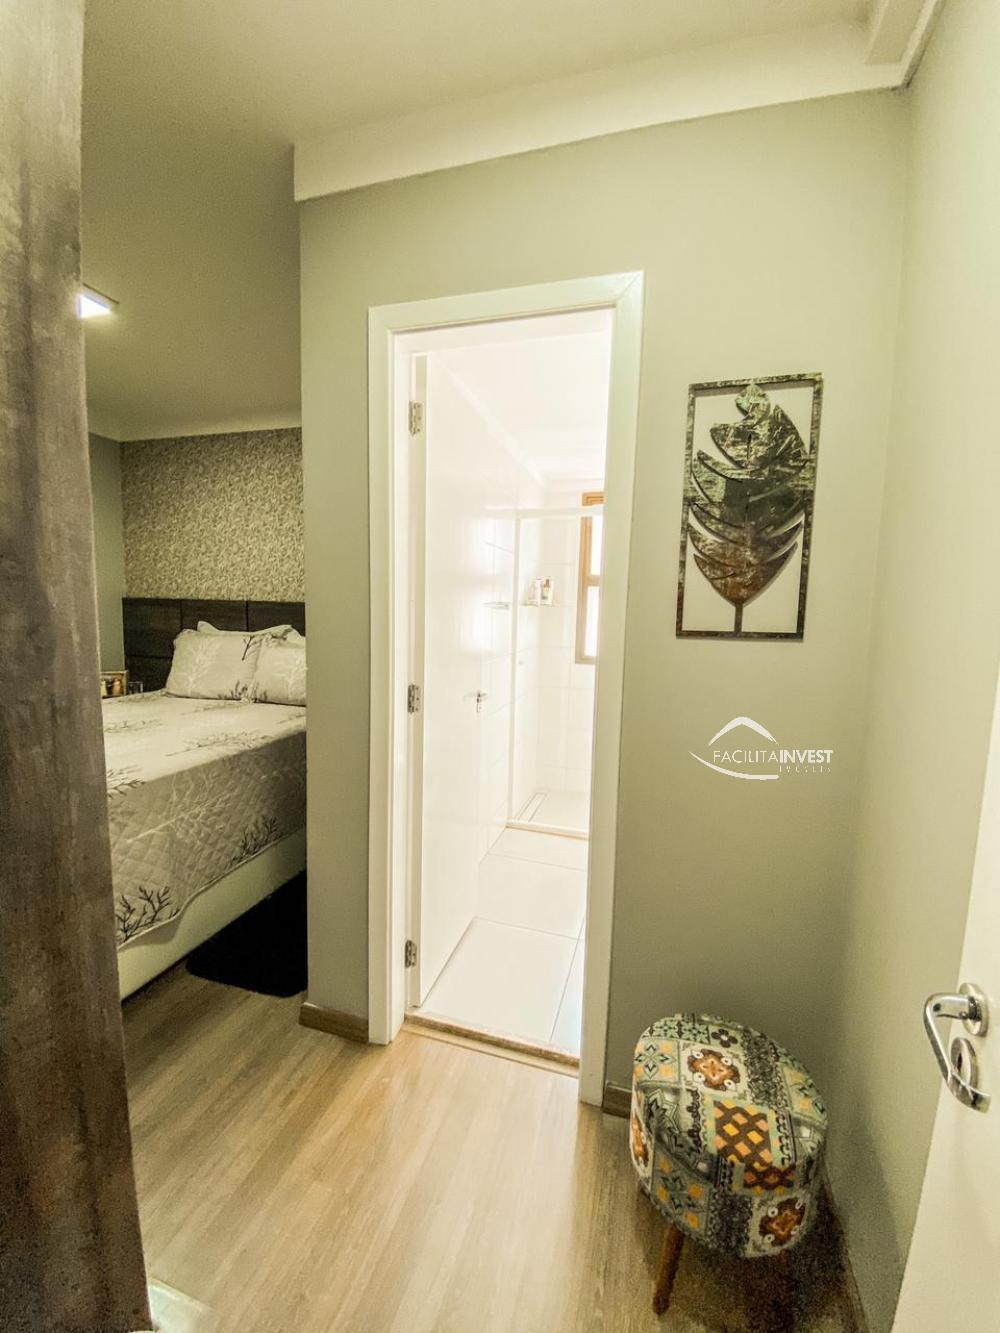 Comprar Apartamentos / Apart. Padrão em Ribeirão Preto apenas R$ 565.000,00 - Foto 21